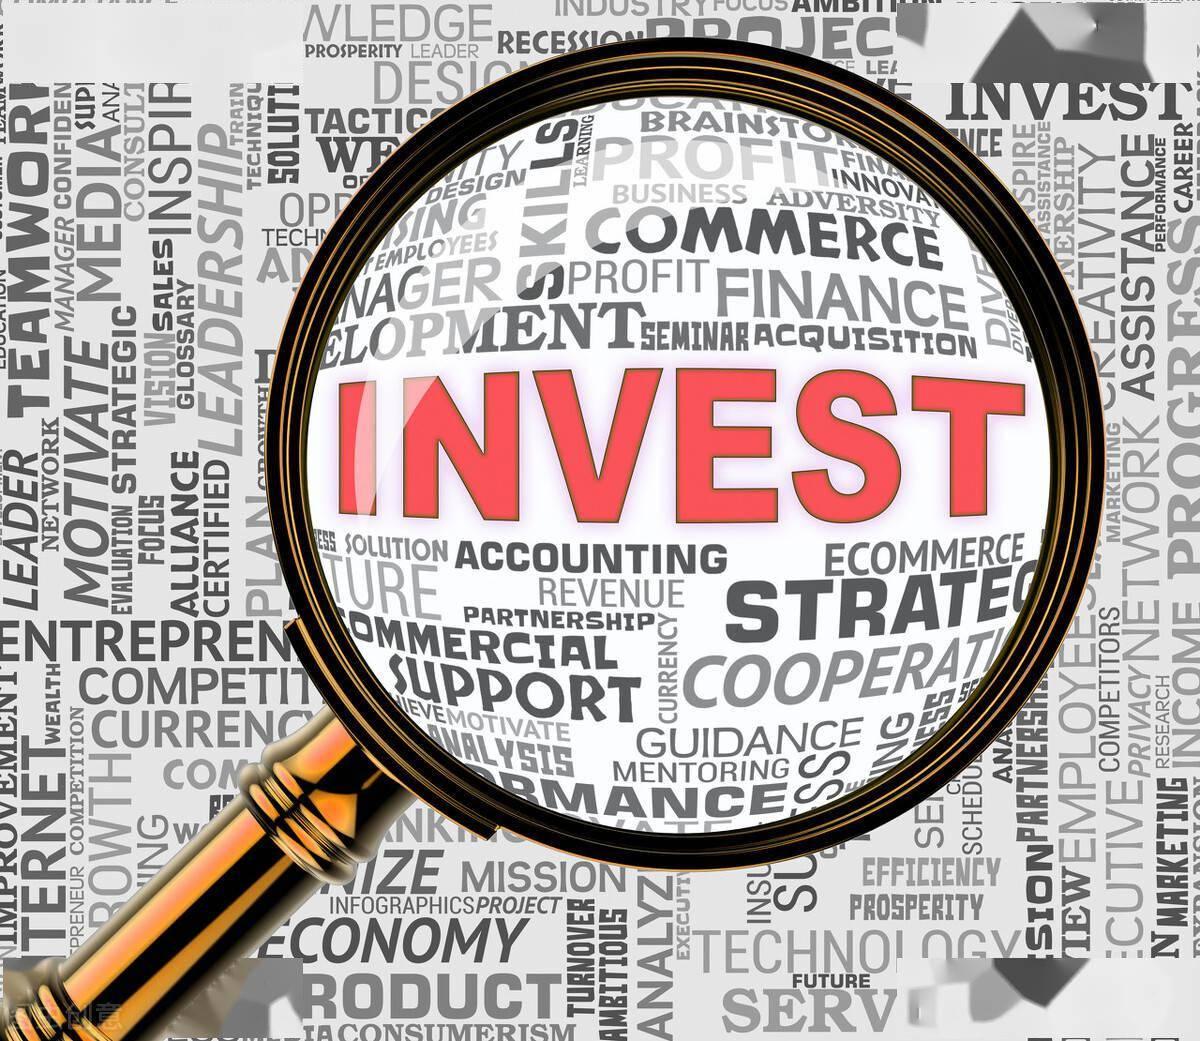 坦桑尼亚总理对投资者的保证